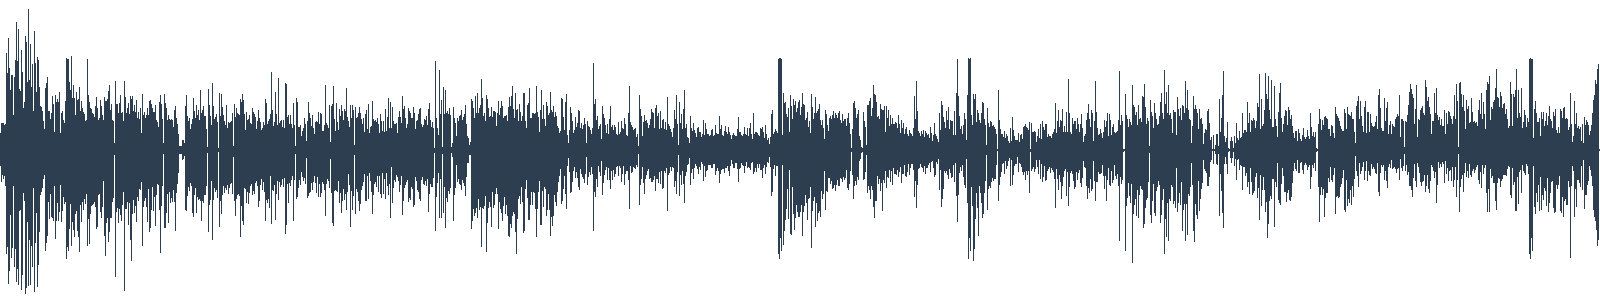 Sběratel (Audiokniha roku 2015) waveform